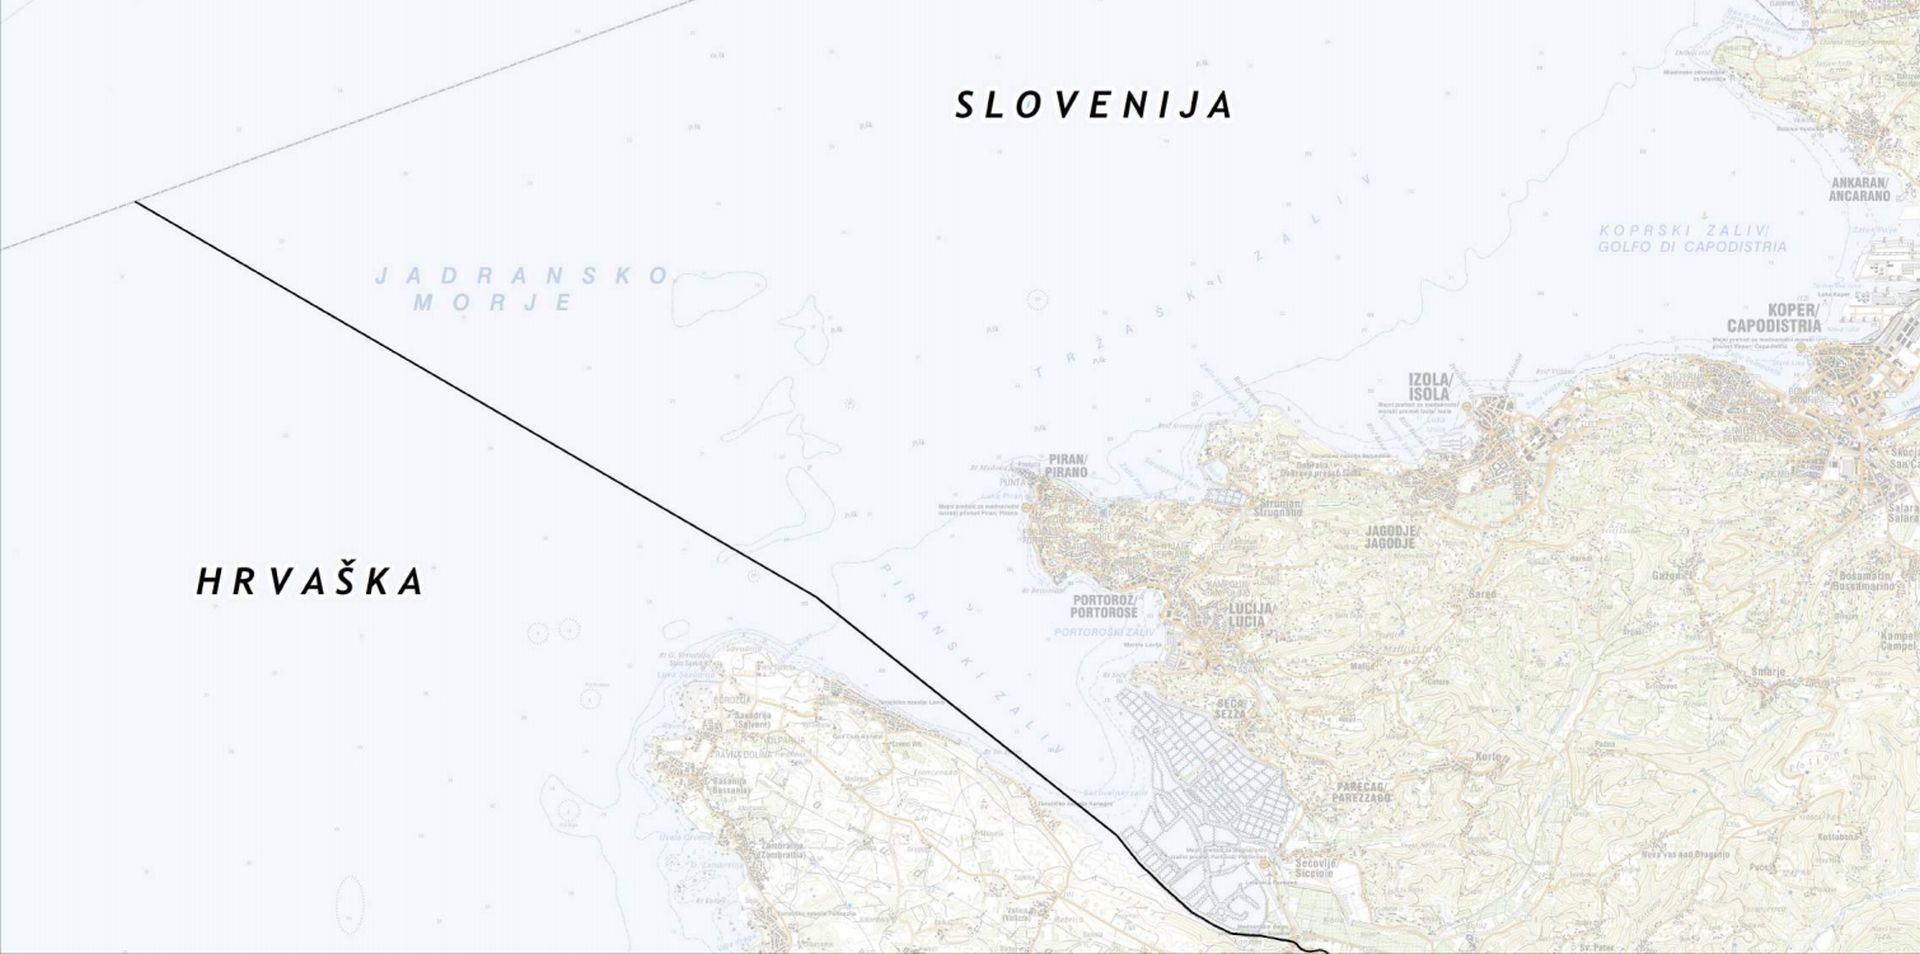 Slovenska vlada objavila zemljovide, Cerar za dijalog o implementaciji arbitraže